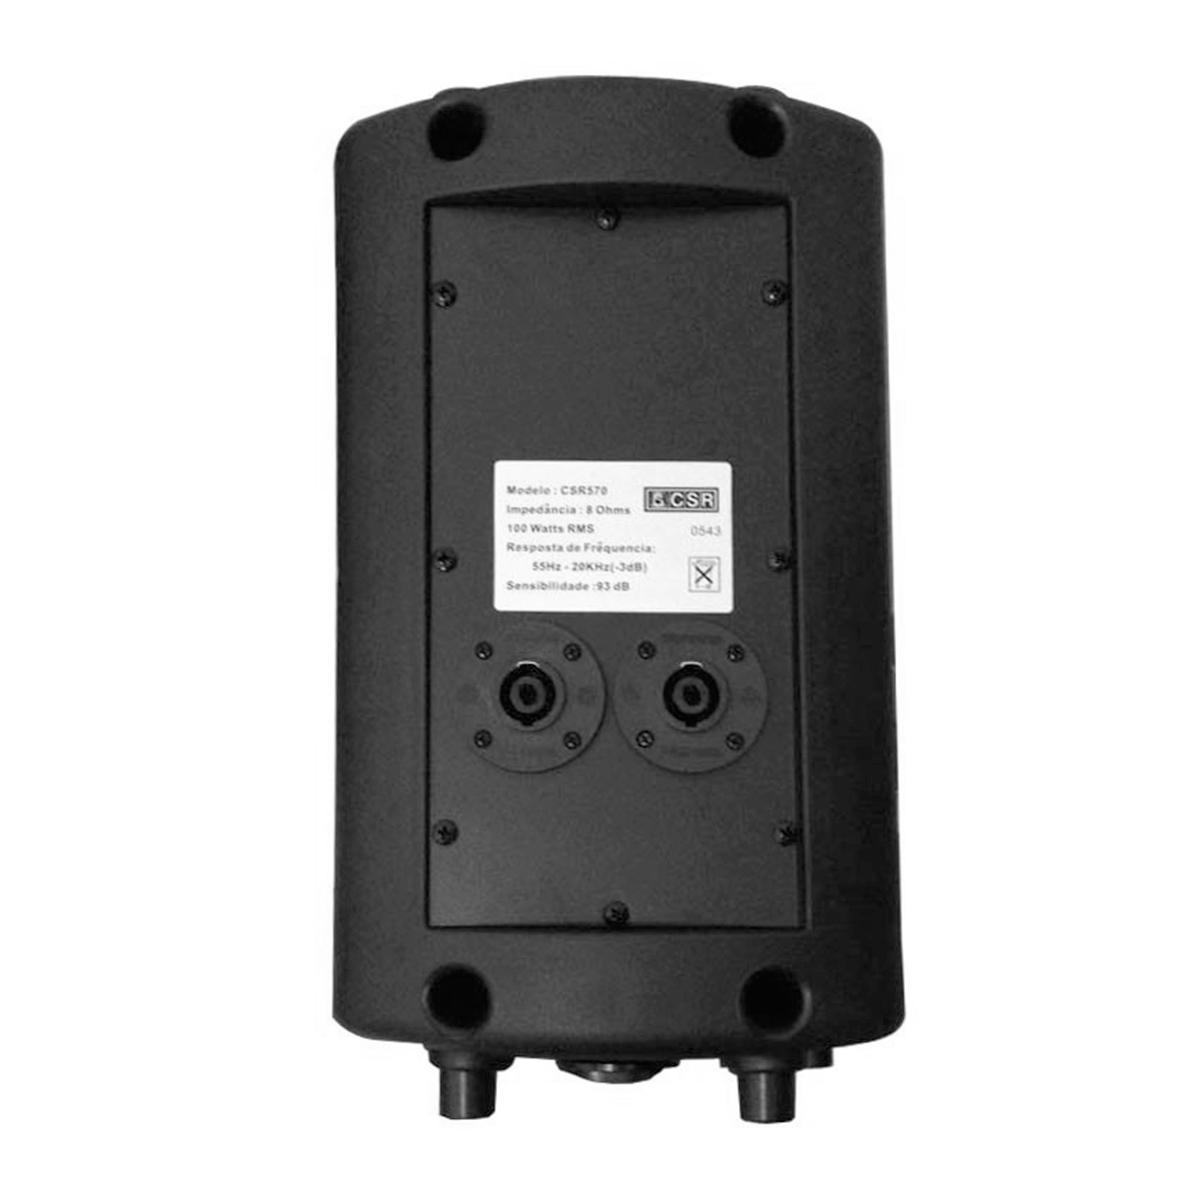 CSR570 - Caixa Passiva 100W c/ Suporte CSR 570 - CSR